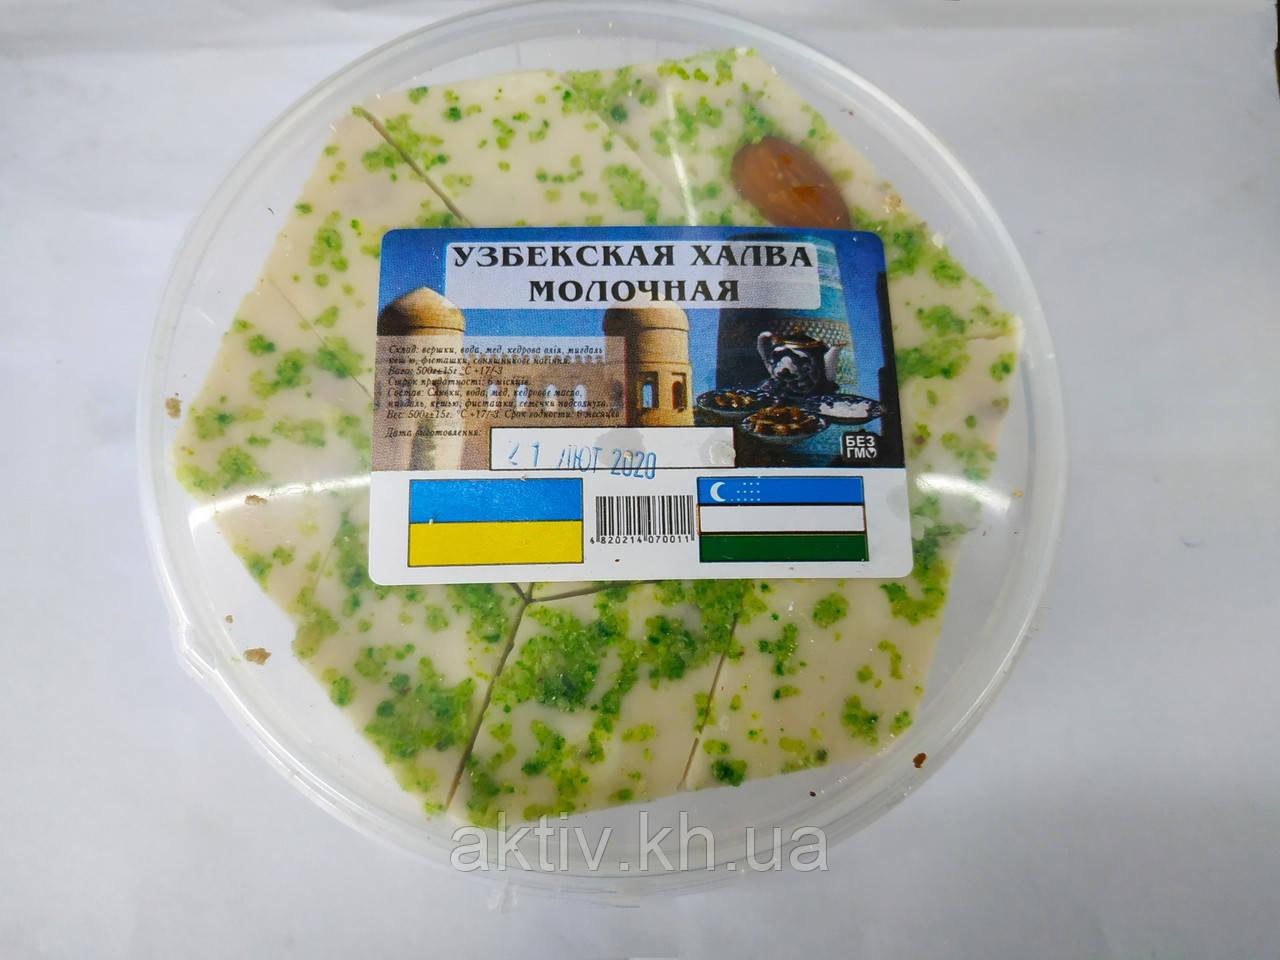 Халва узбекская молочная 500 грамм